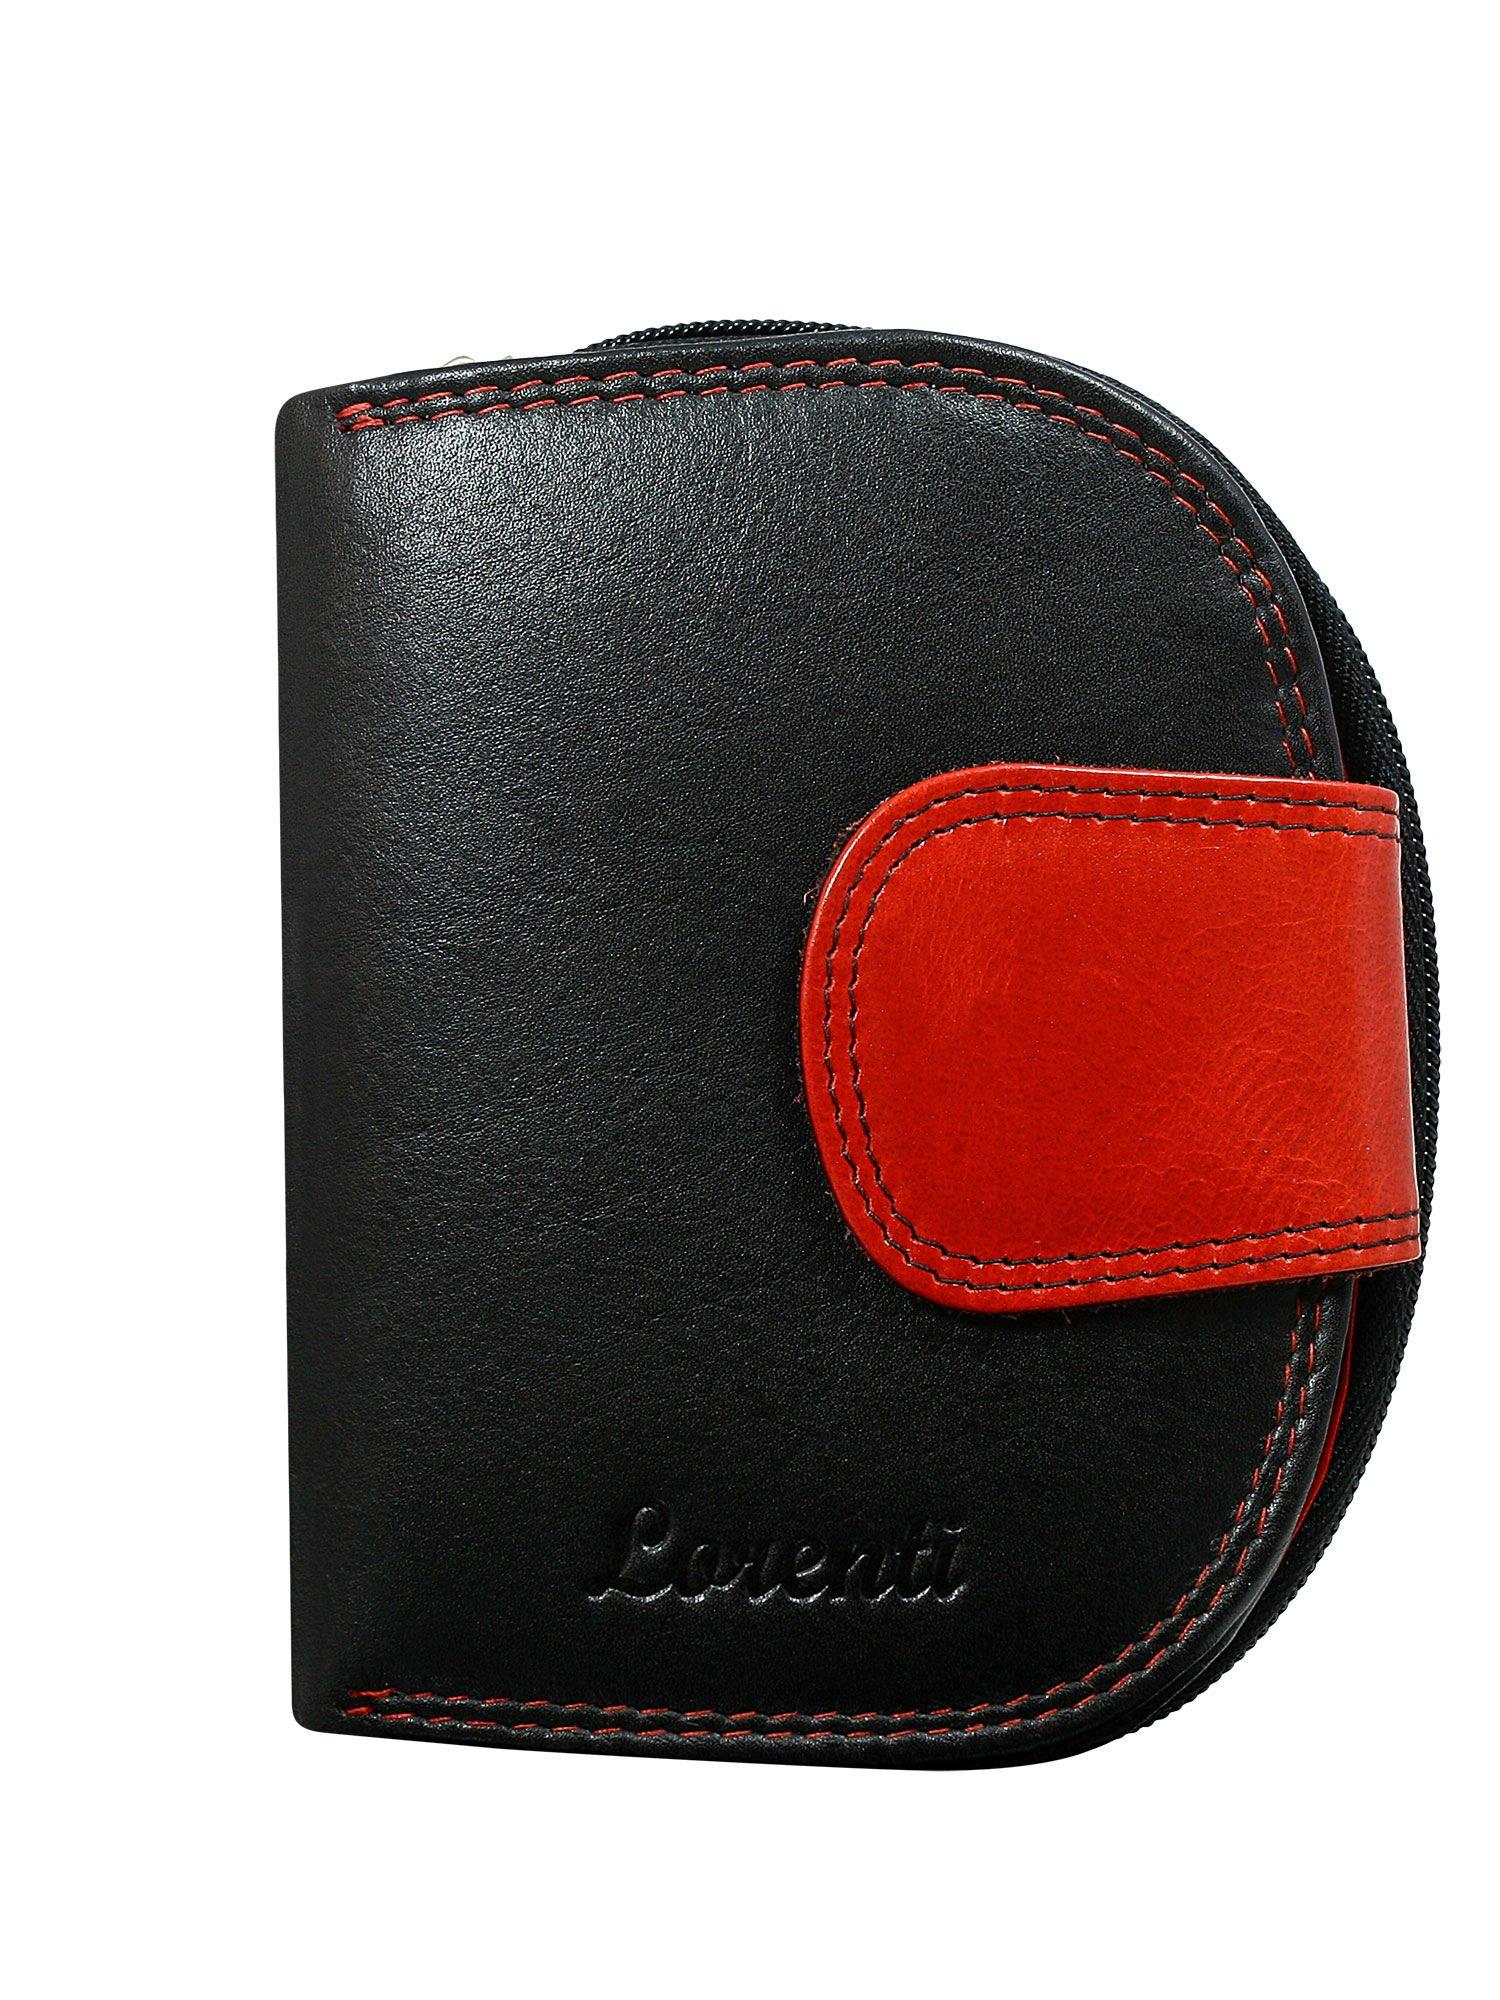 809c79f914ce6 Czarno-czerwony półokrągły portfel damski skórzany - Akcesoria ...